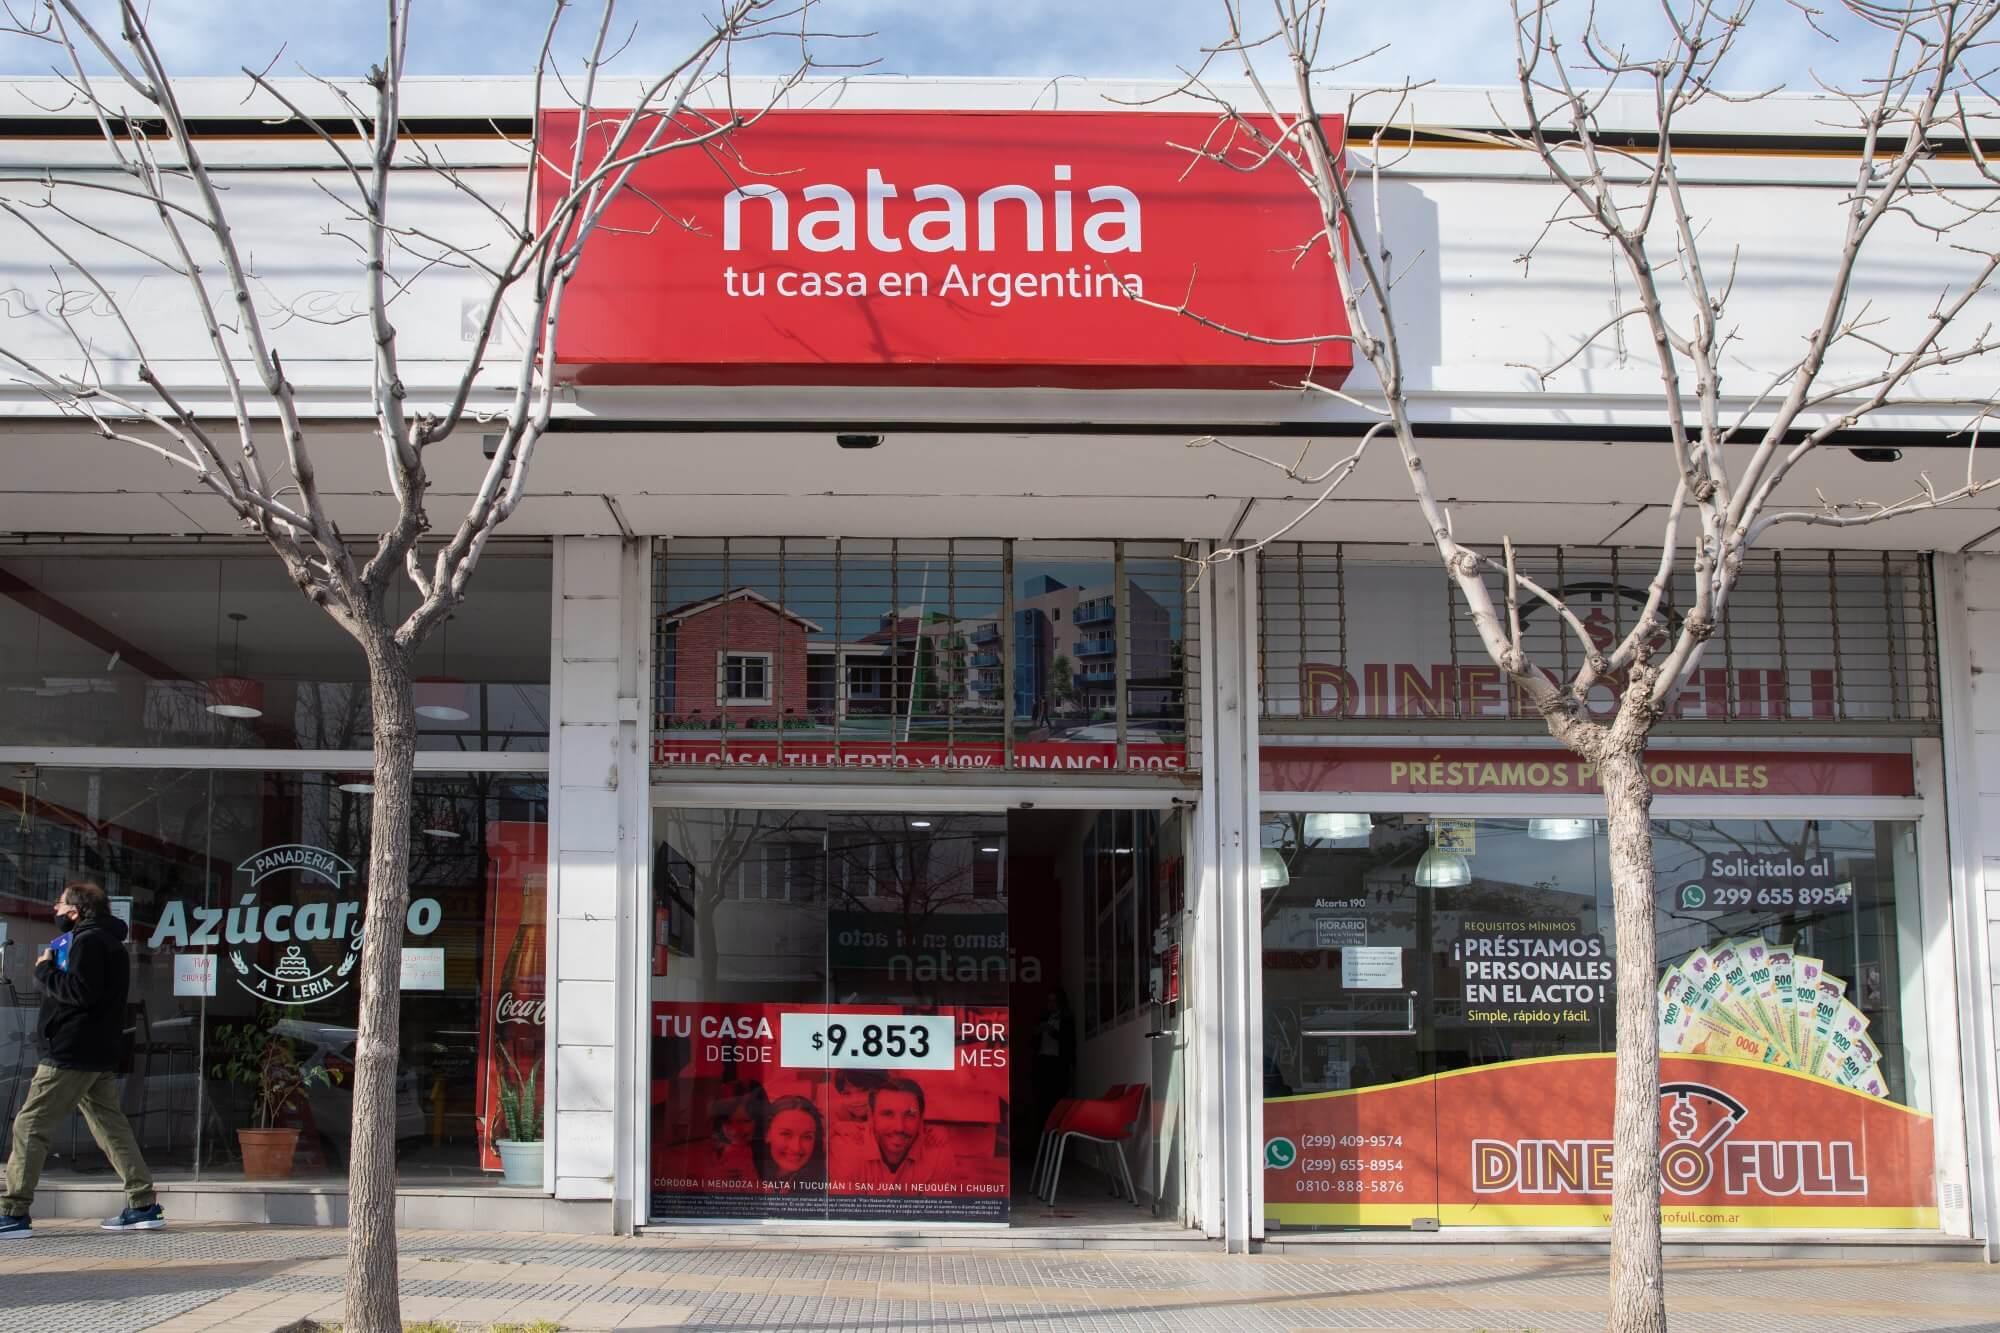 ¡Nueva sucursal de venta en Neuquén!